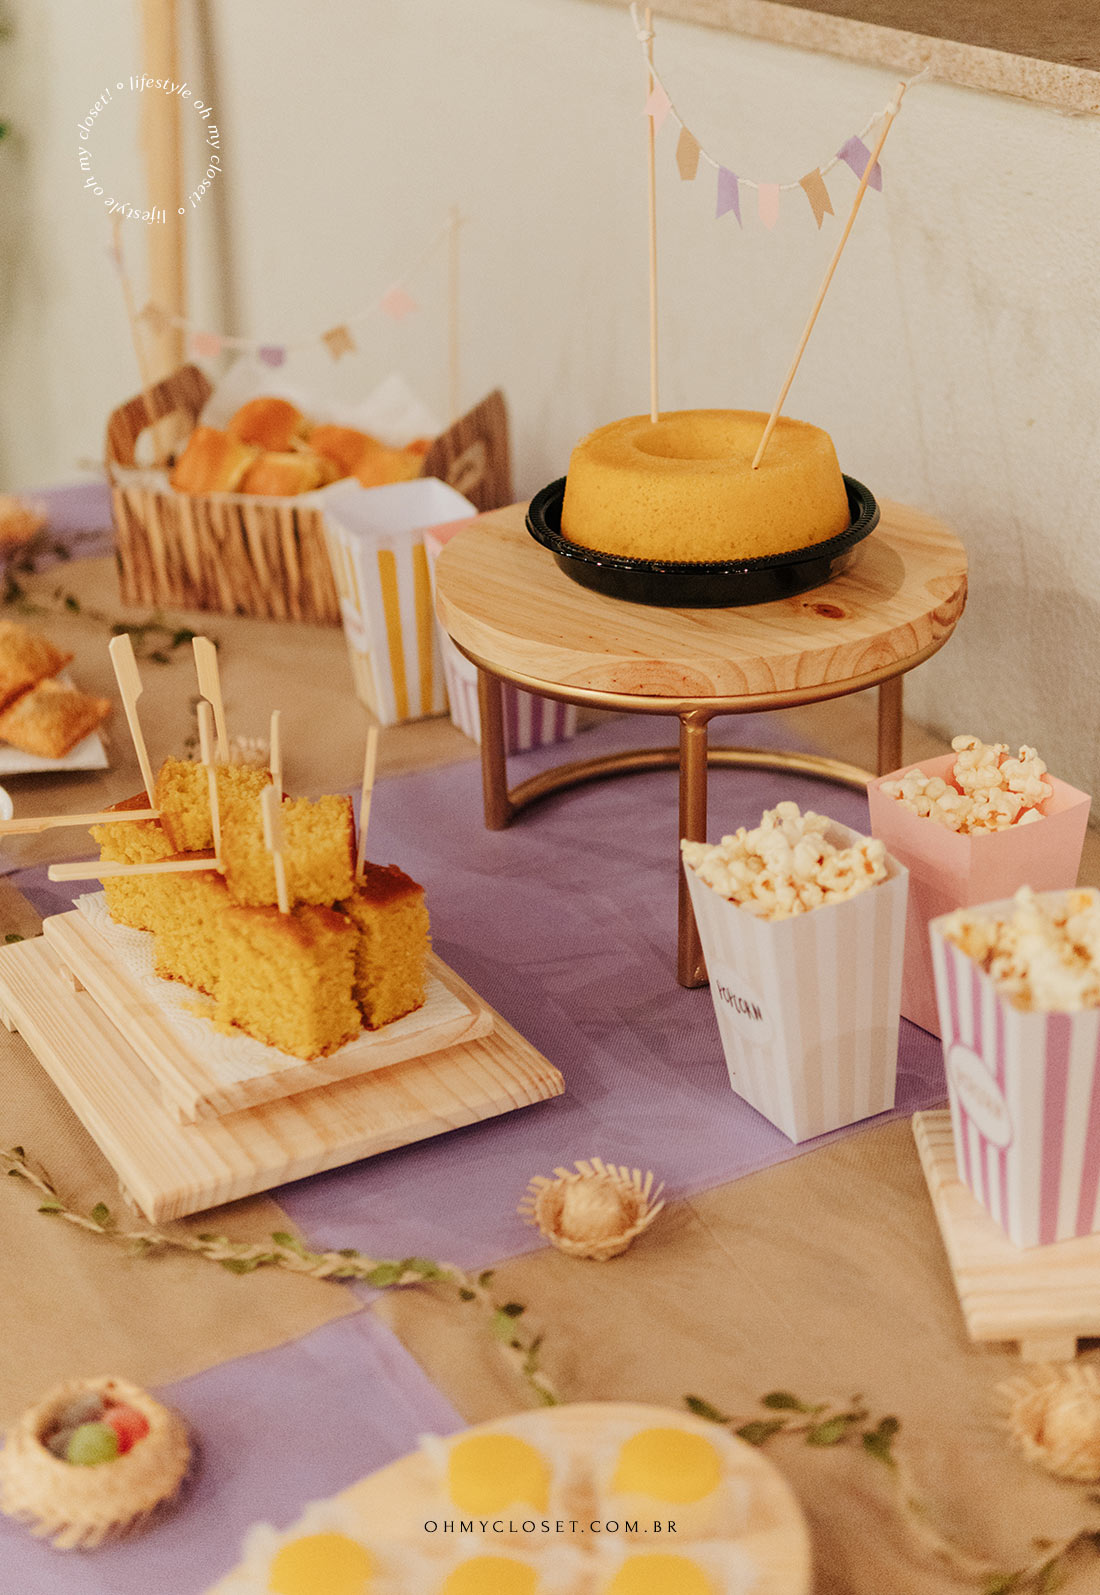 Outro ângulo da mesa de comida com as decorações de festa junina e toalha de T.N.T. xadrez feita em casa